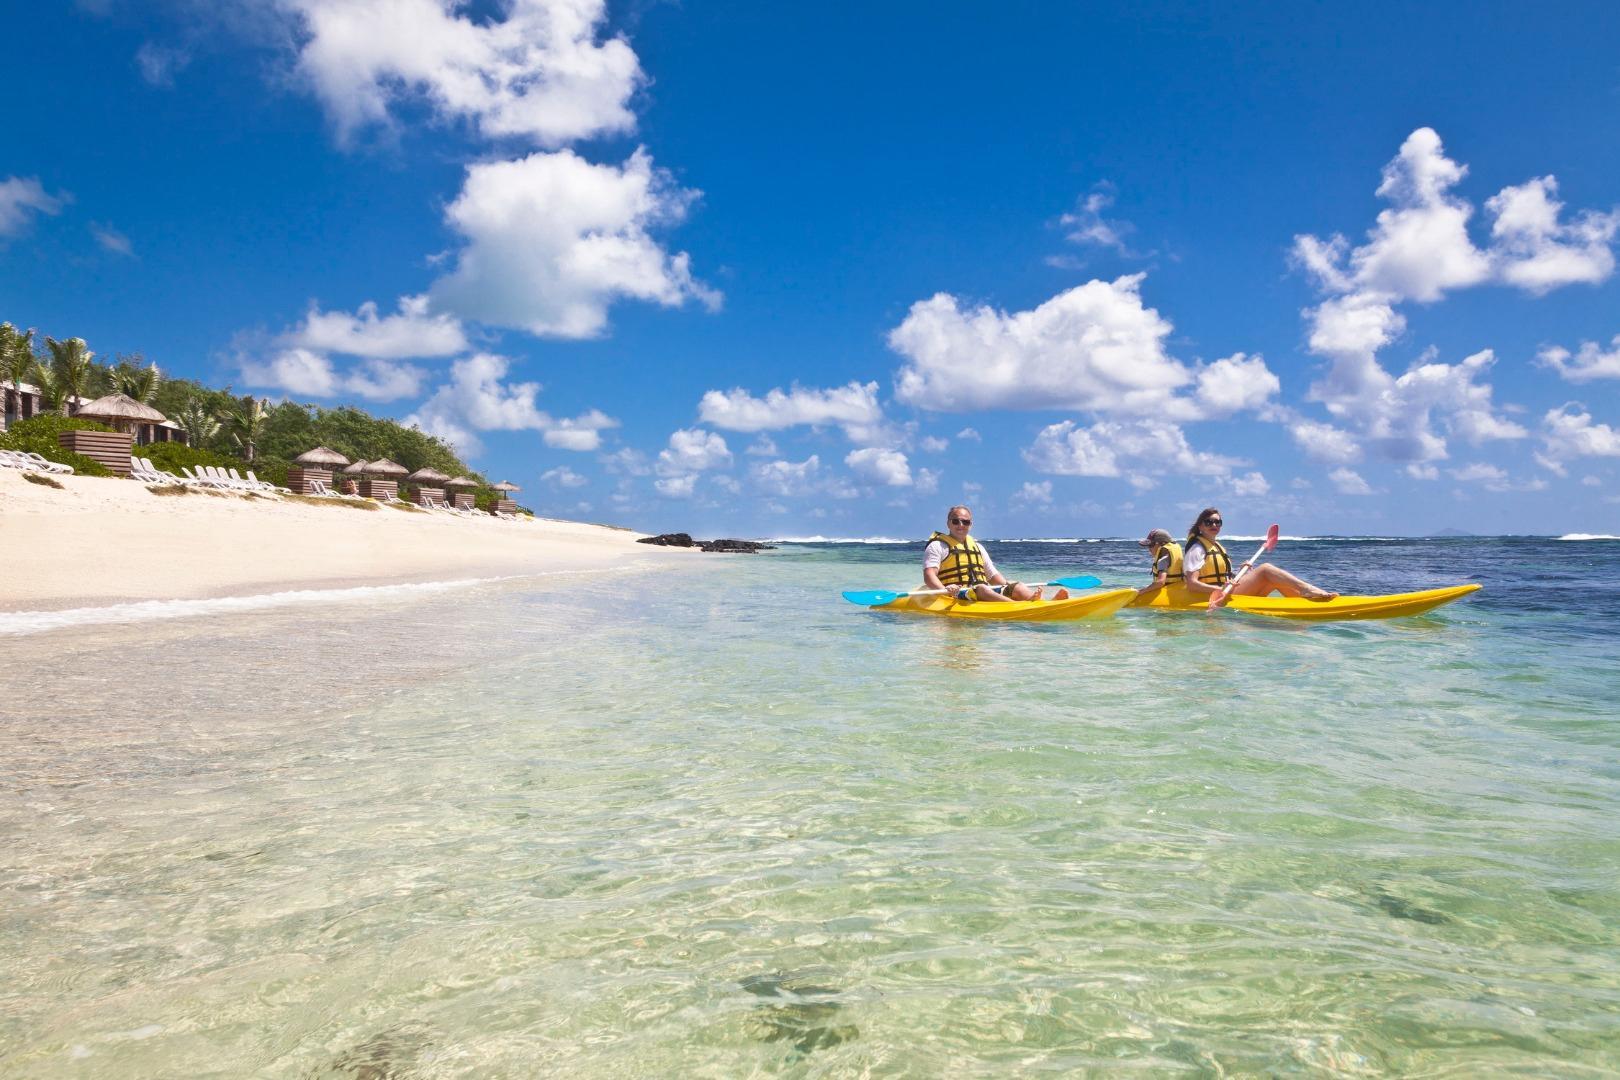 CRM Beach Activitiy